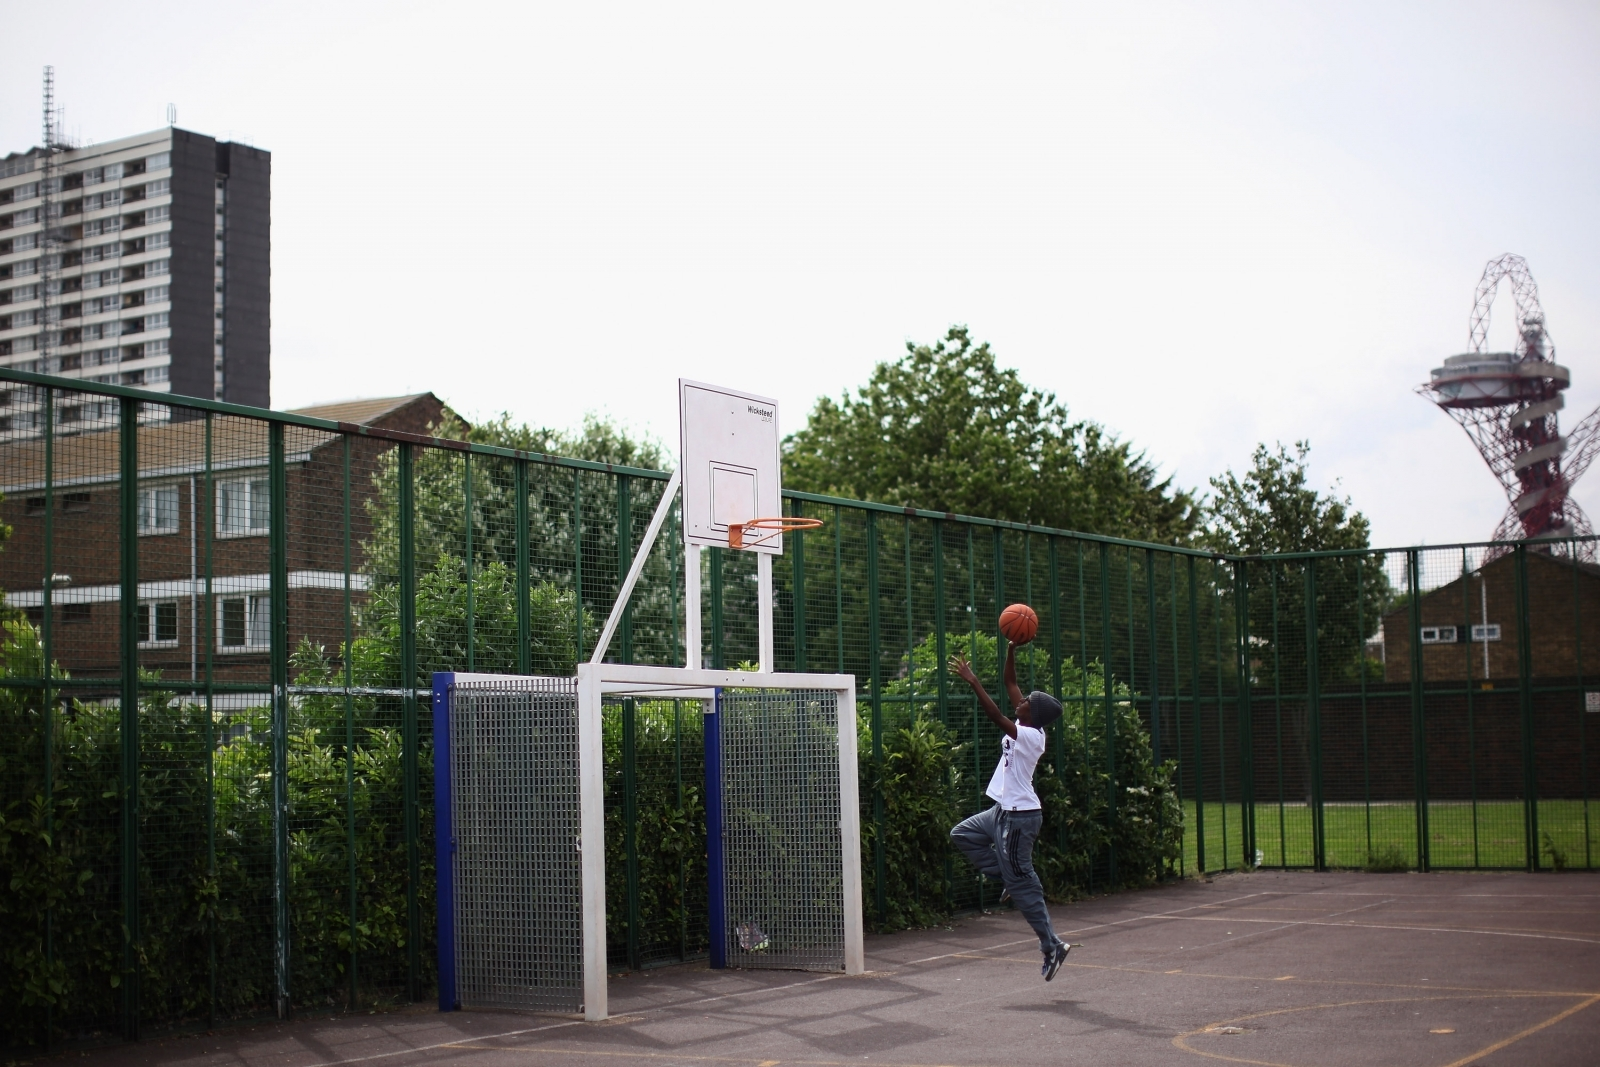 child council estate London